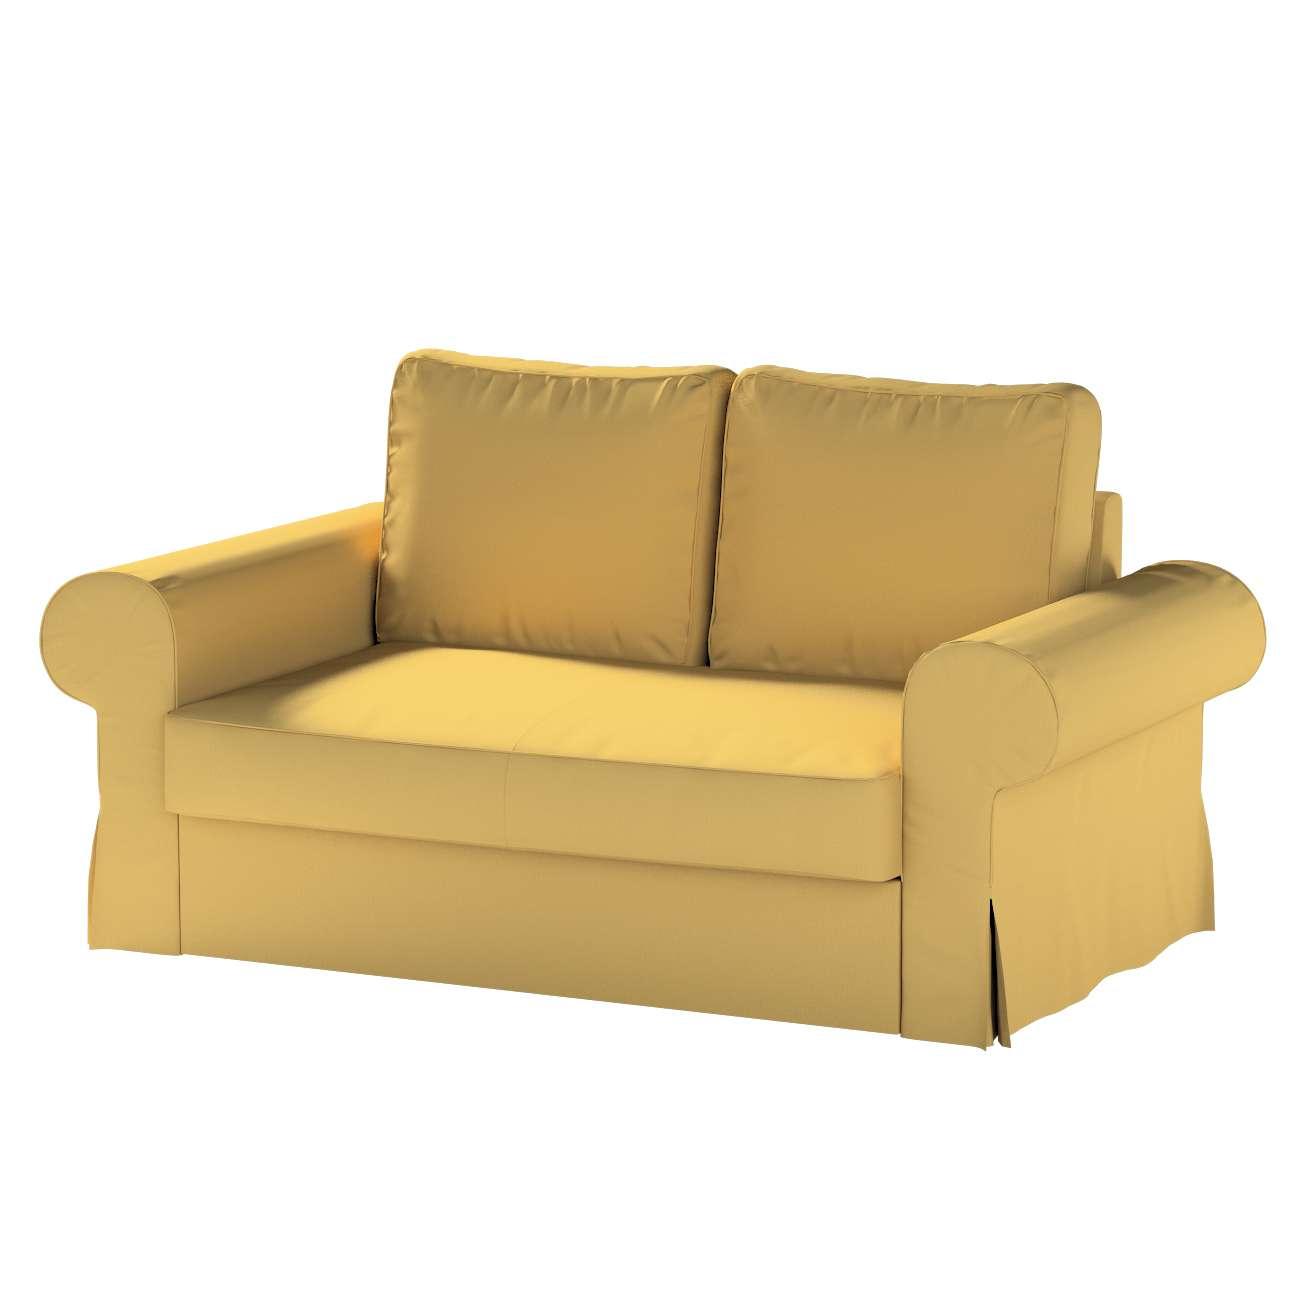 Bezug für Backabro 2-Sitzer Sofa ausklappbar von der Kollektion Cotton Panama, Stoff: 702-41